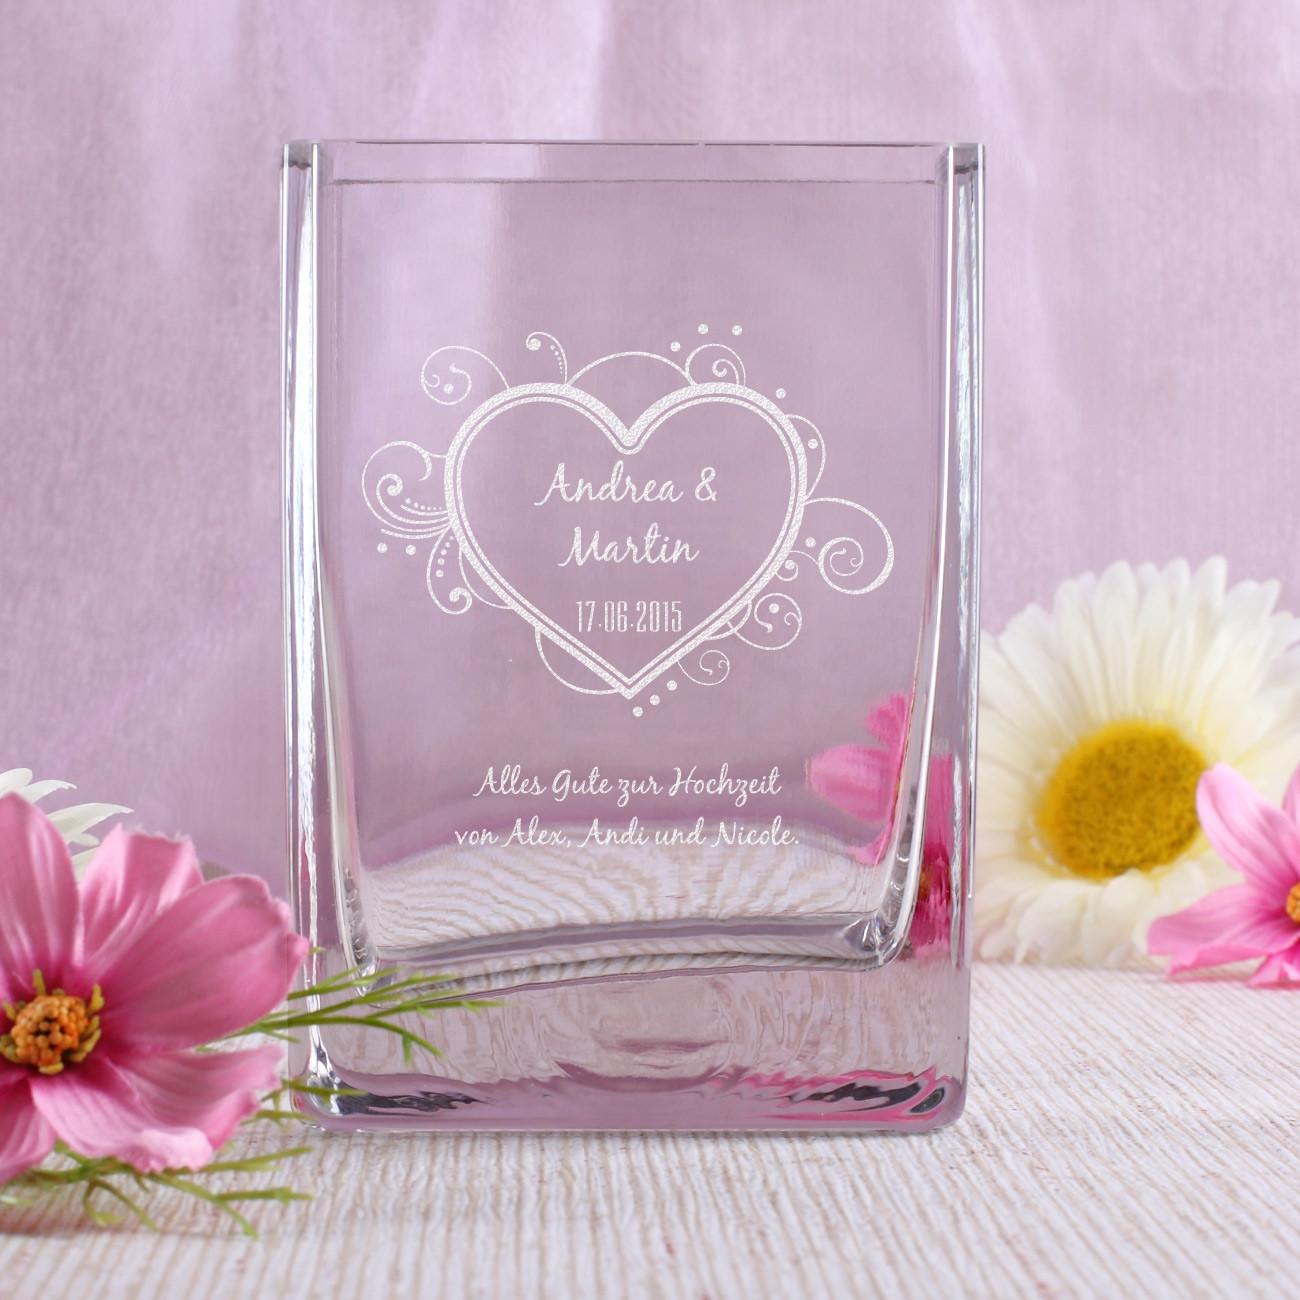 Geschenke Online  gravierte vase mit Ihren Wunschnamen Datum und Wunschtext